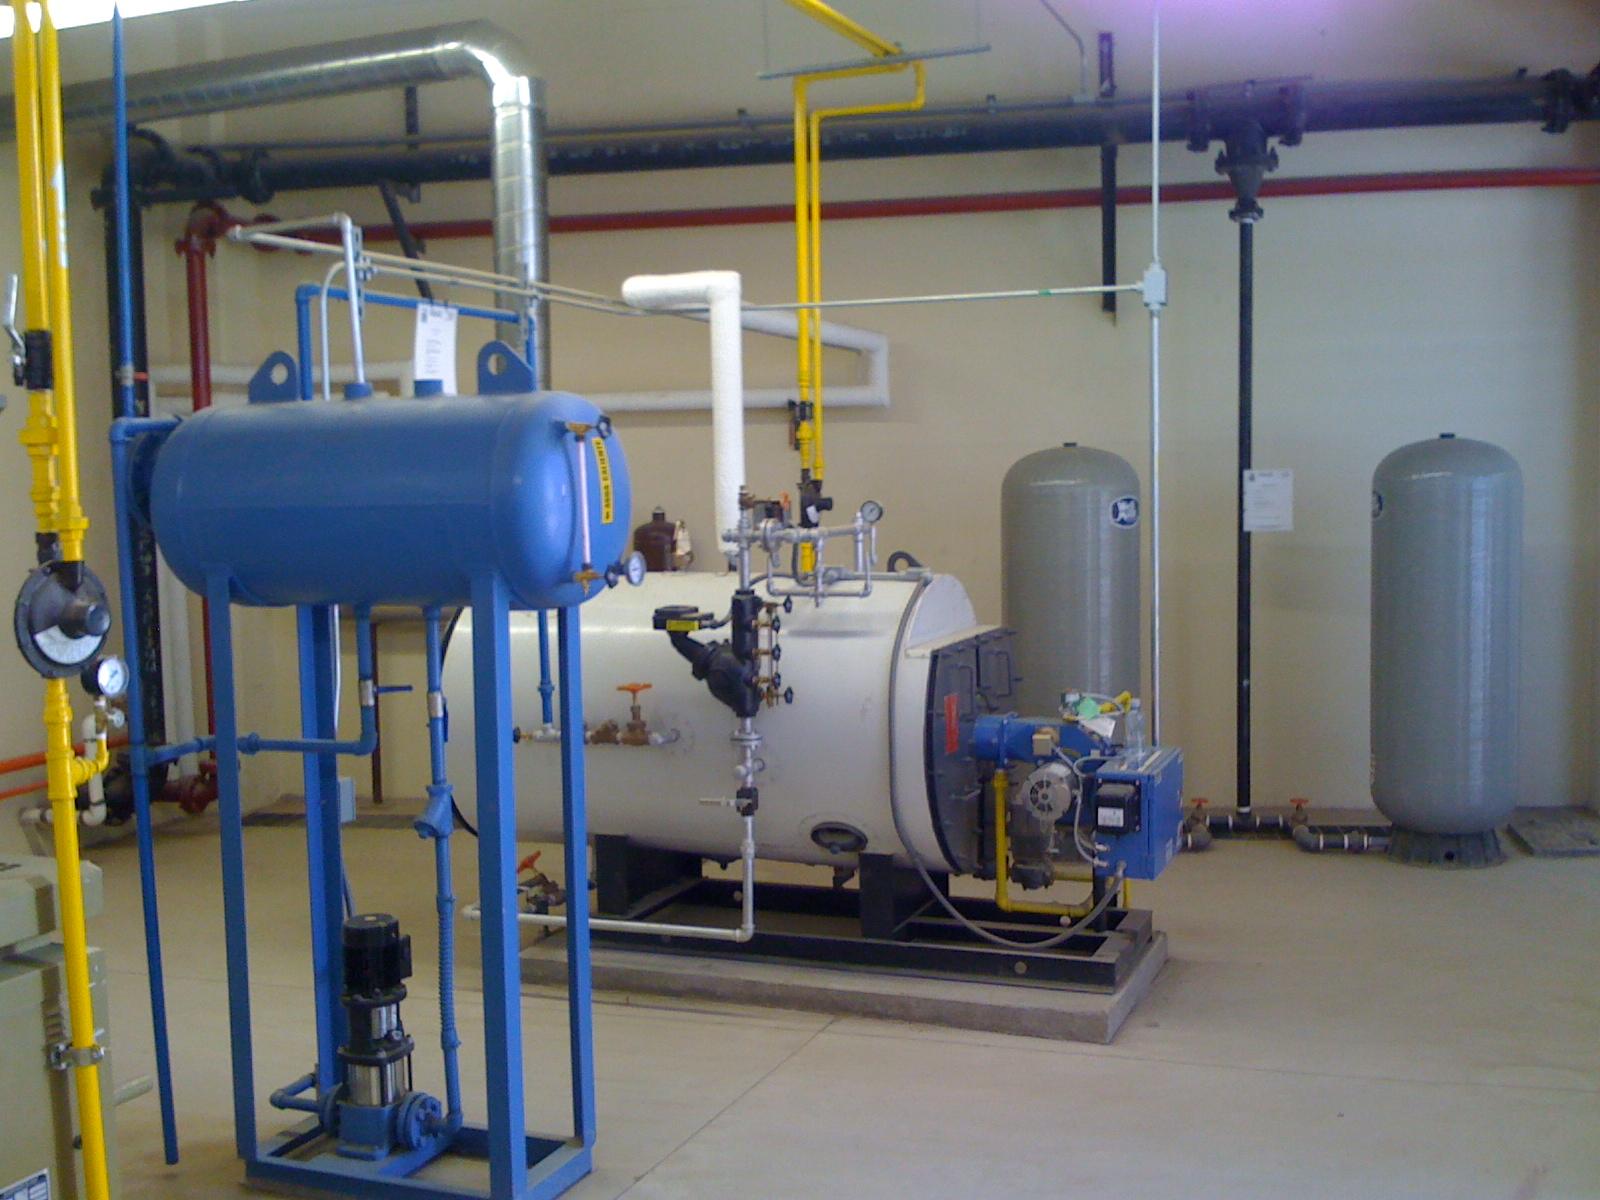 Calderas y sistemas hidraulicos equipos industriales for Caldera para alberca